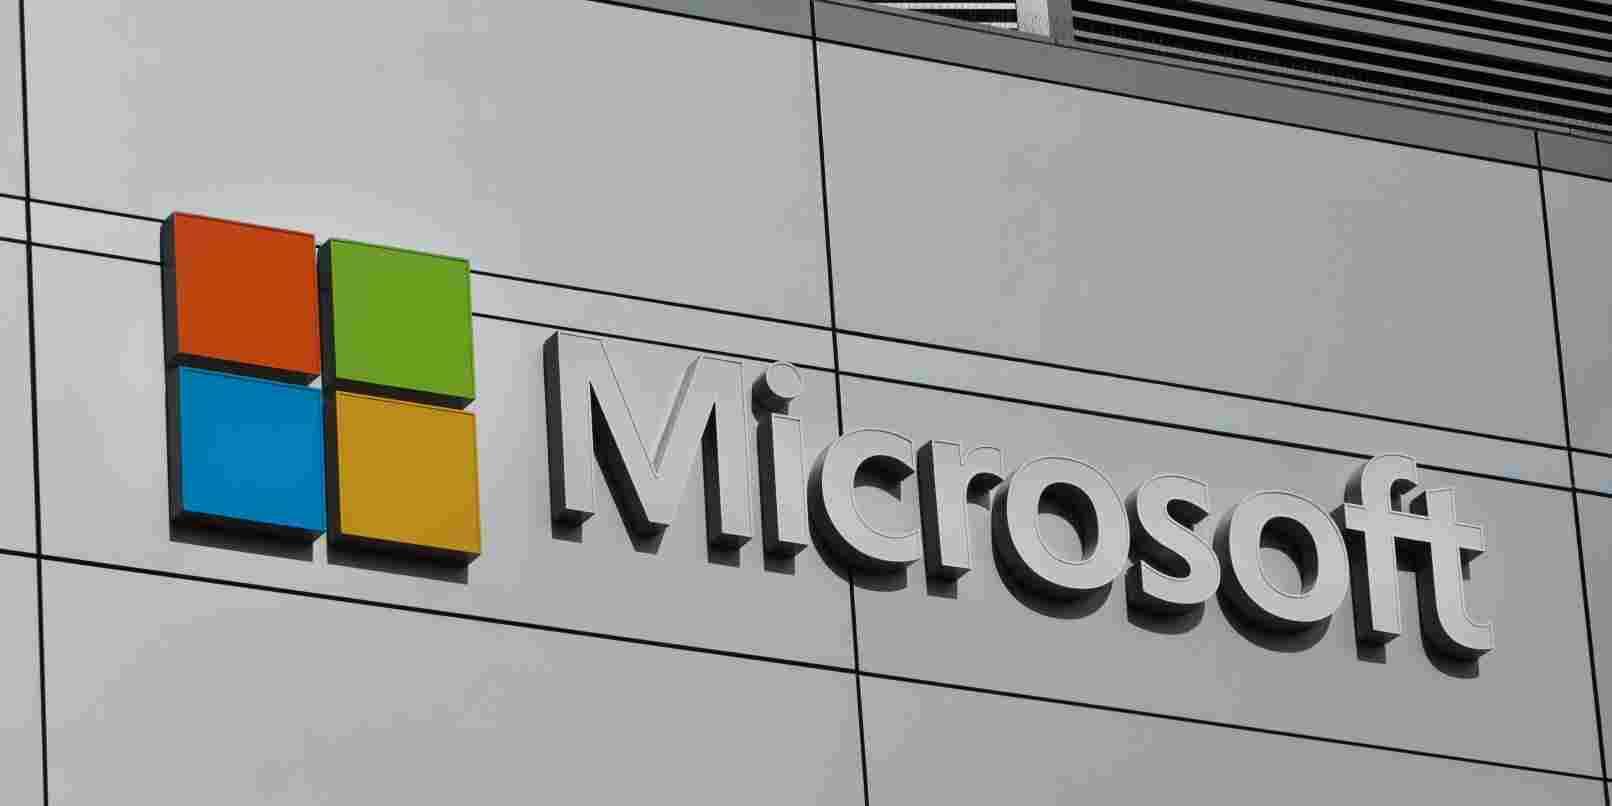 Microsoft исправила уязвимости нулевого дня в своем ПО задолго до их раскрытия группой Shadow Brokers - 1